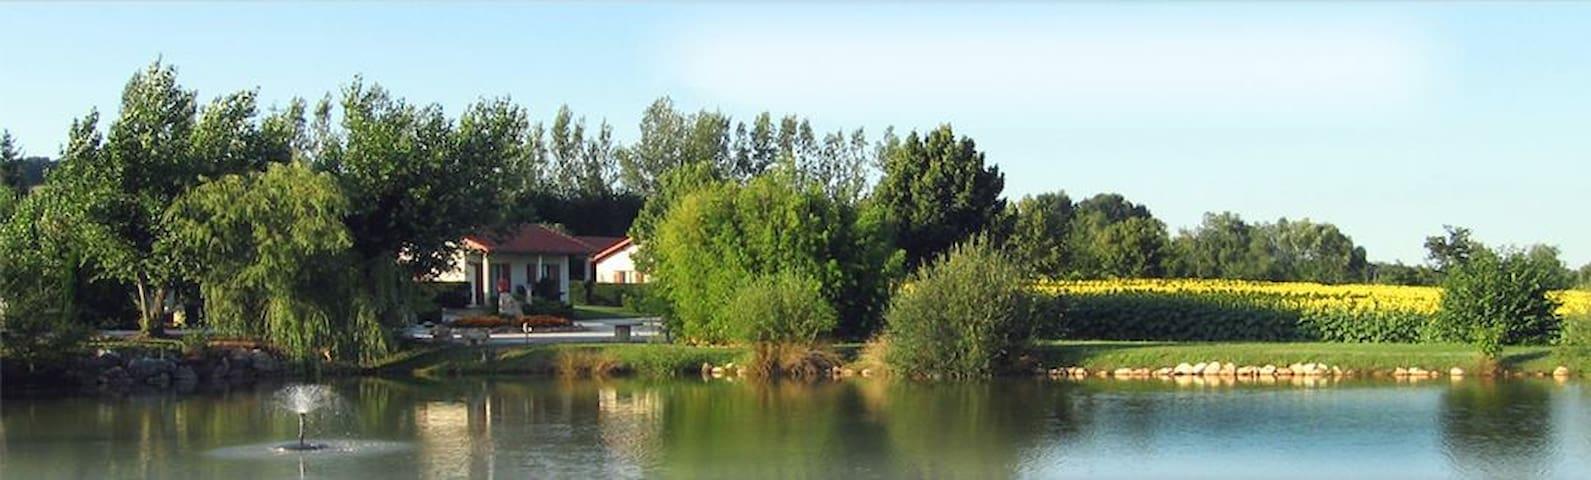 4G Lac Saint Georges, L'abri du pêcheur